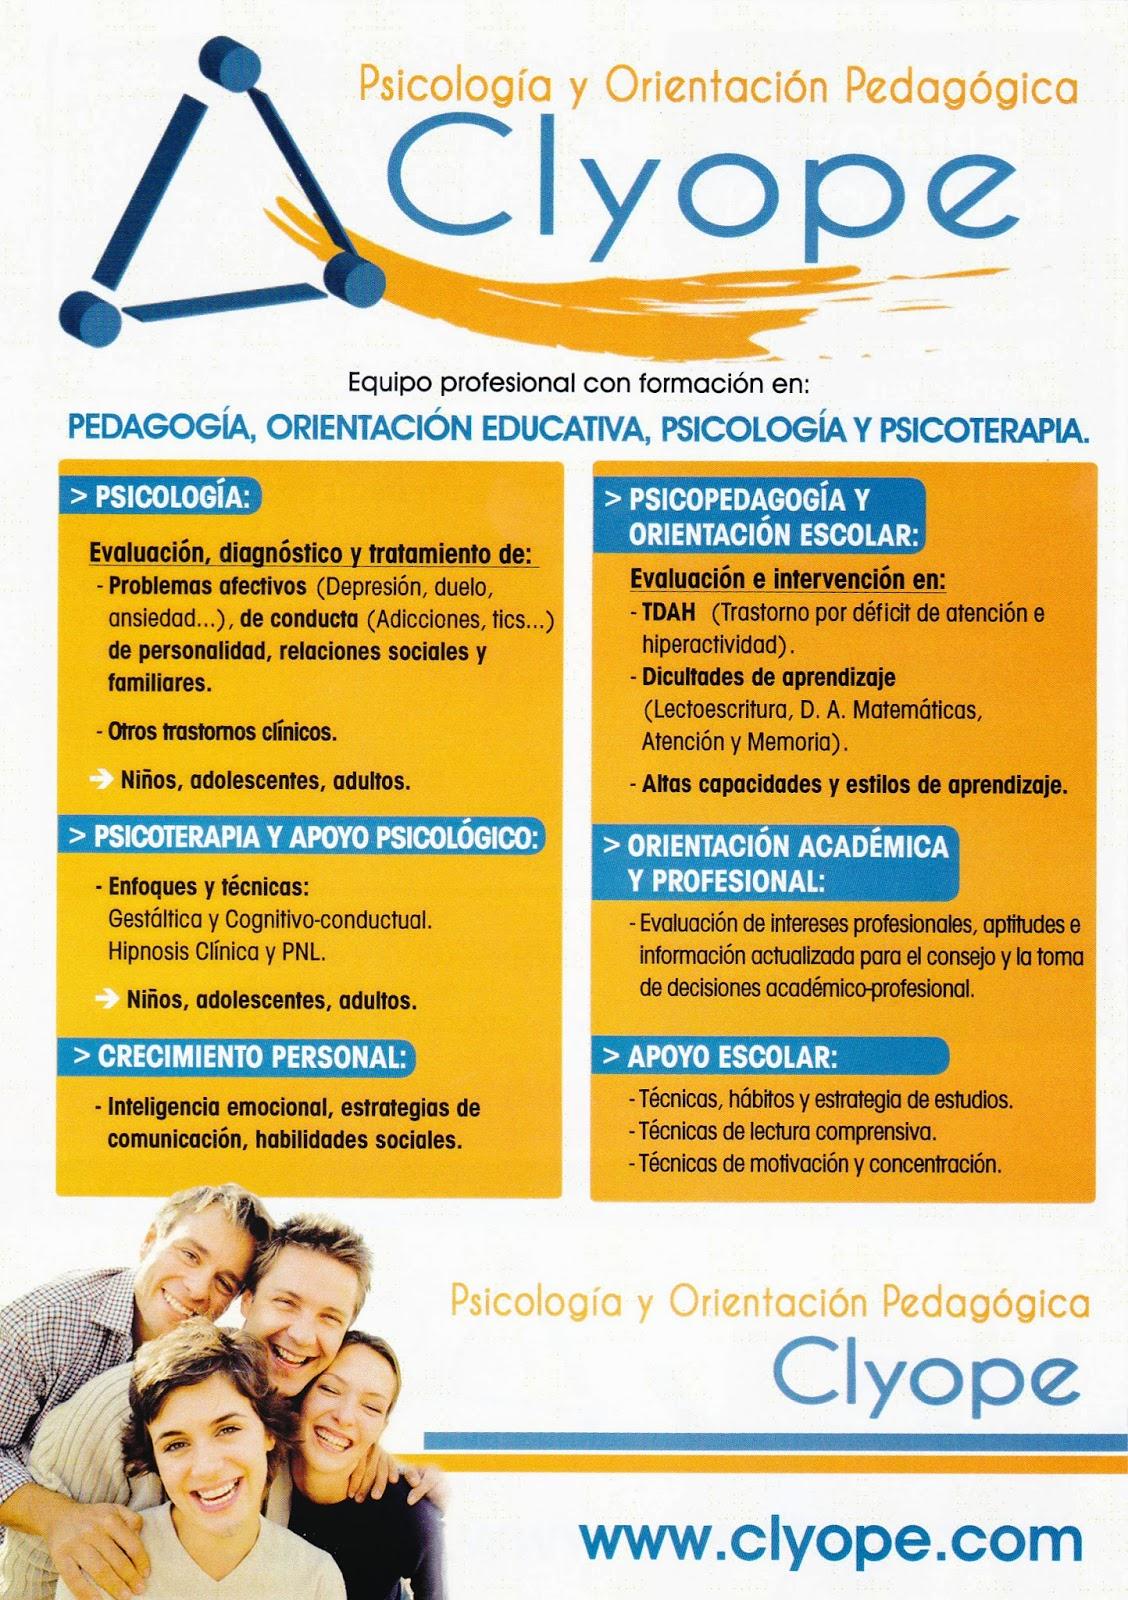 PEDAGOGÍA,ORIENTACIÓN EDUCATIVA, PSICOLOGÍA Y PSICOTERAPIA